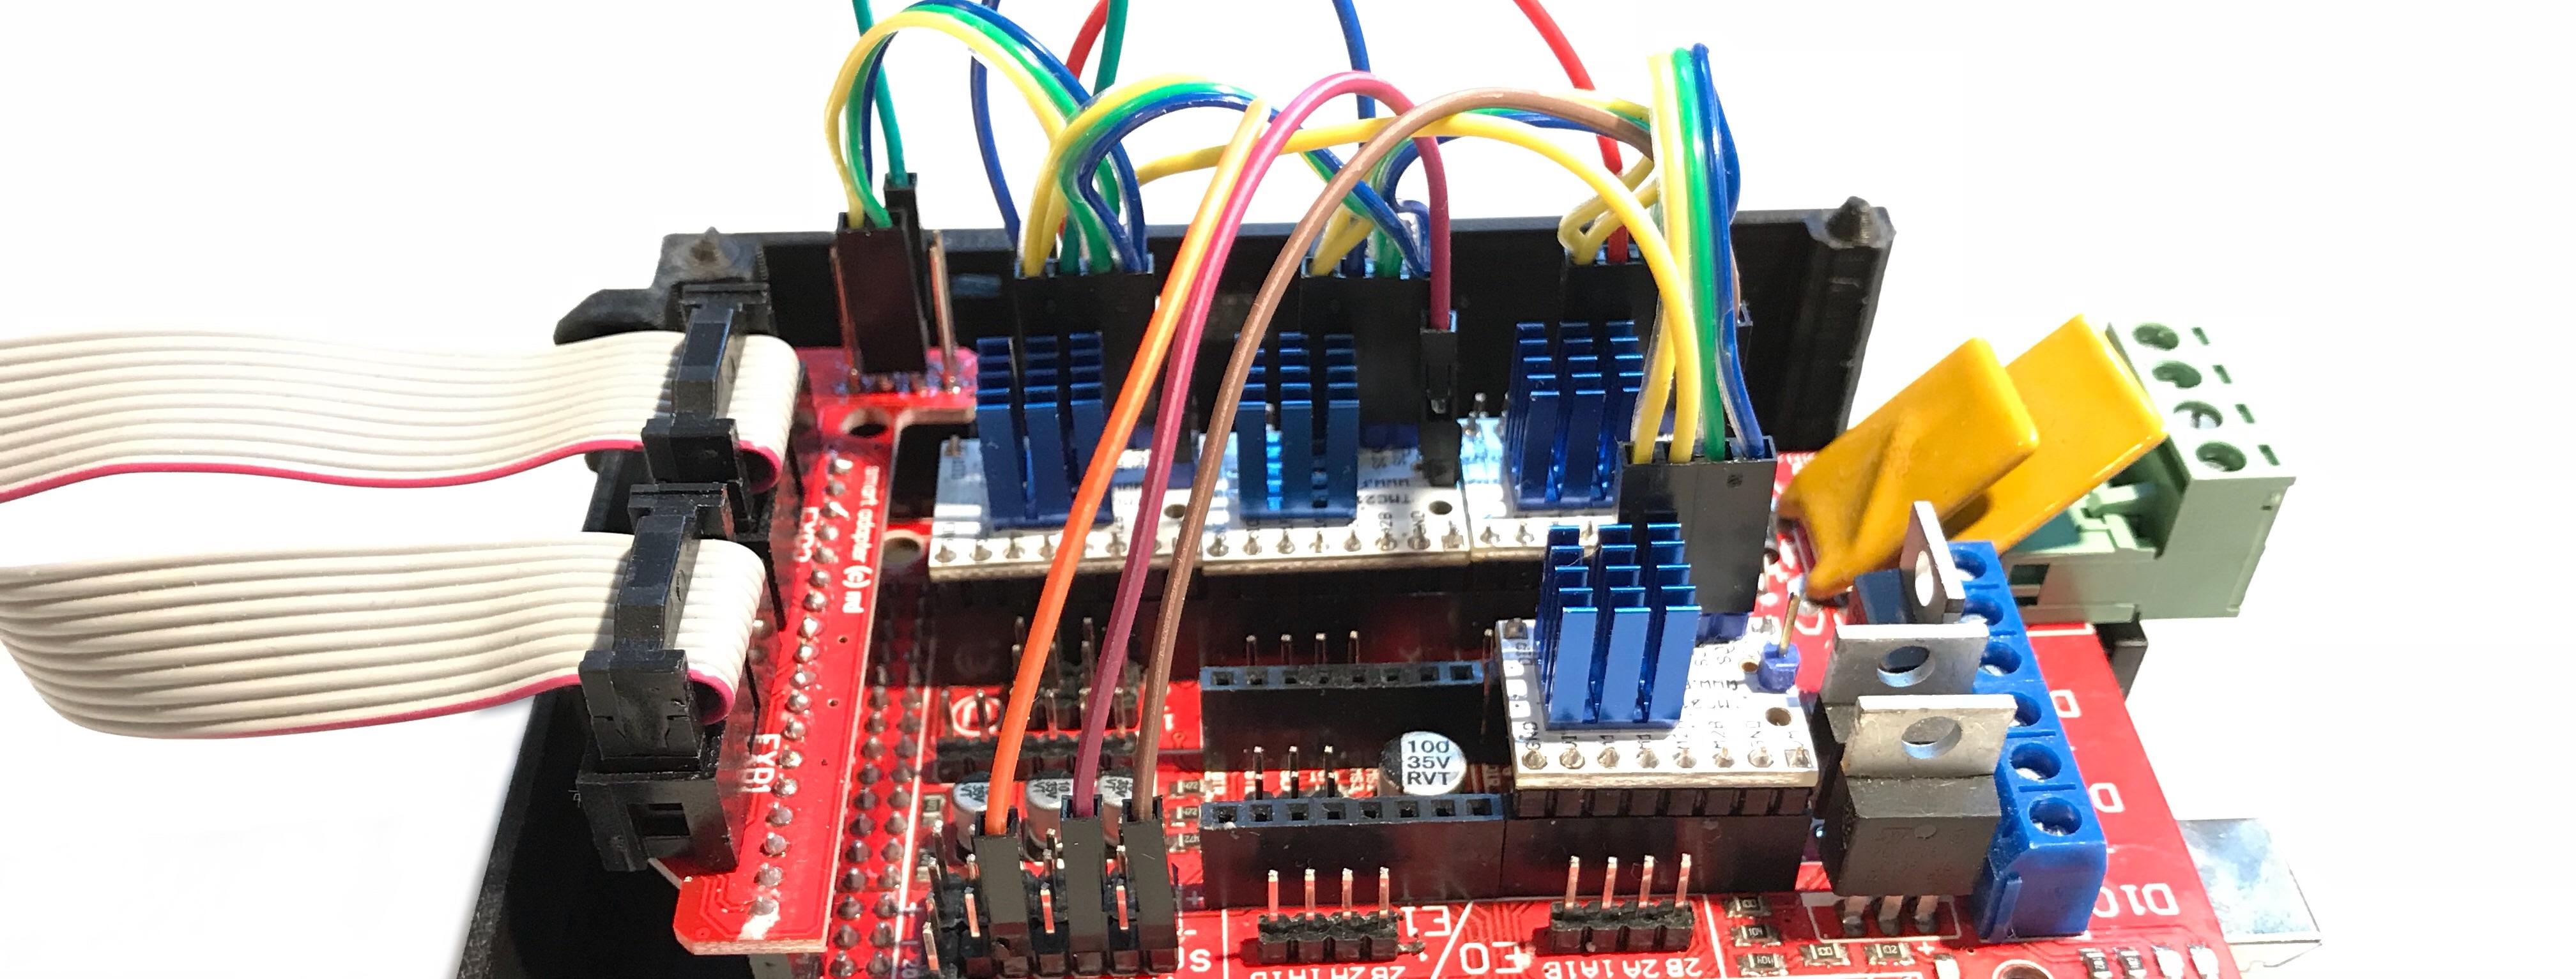 TMC2130 Part 2 feature image